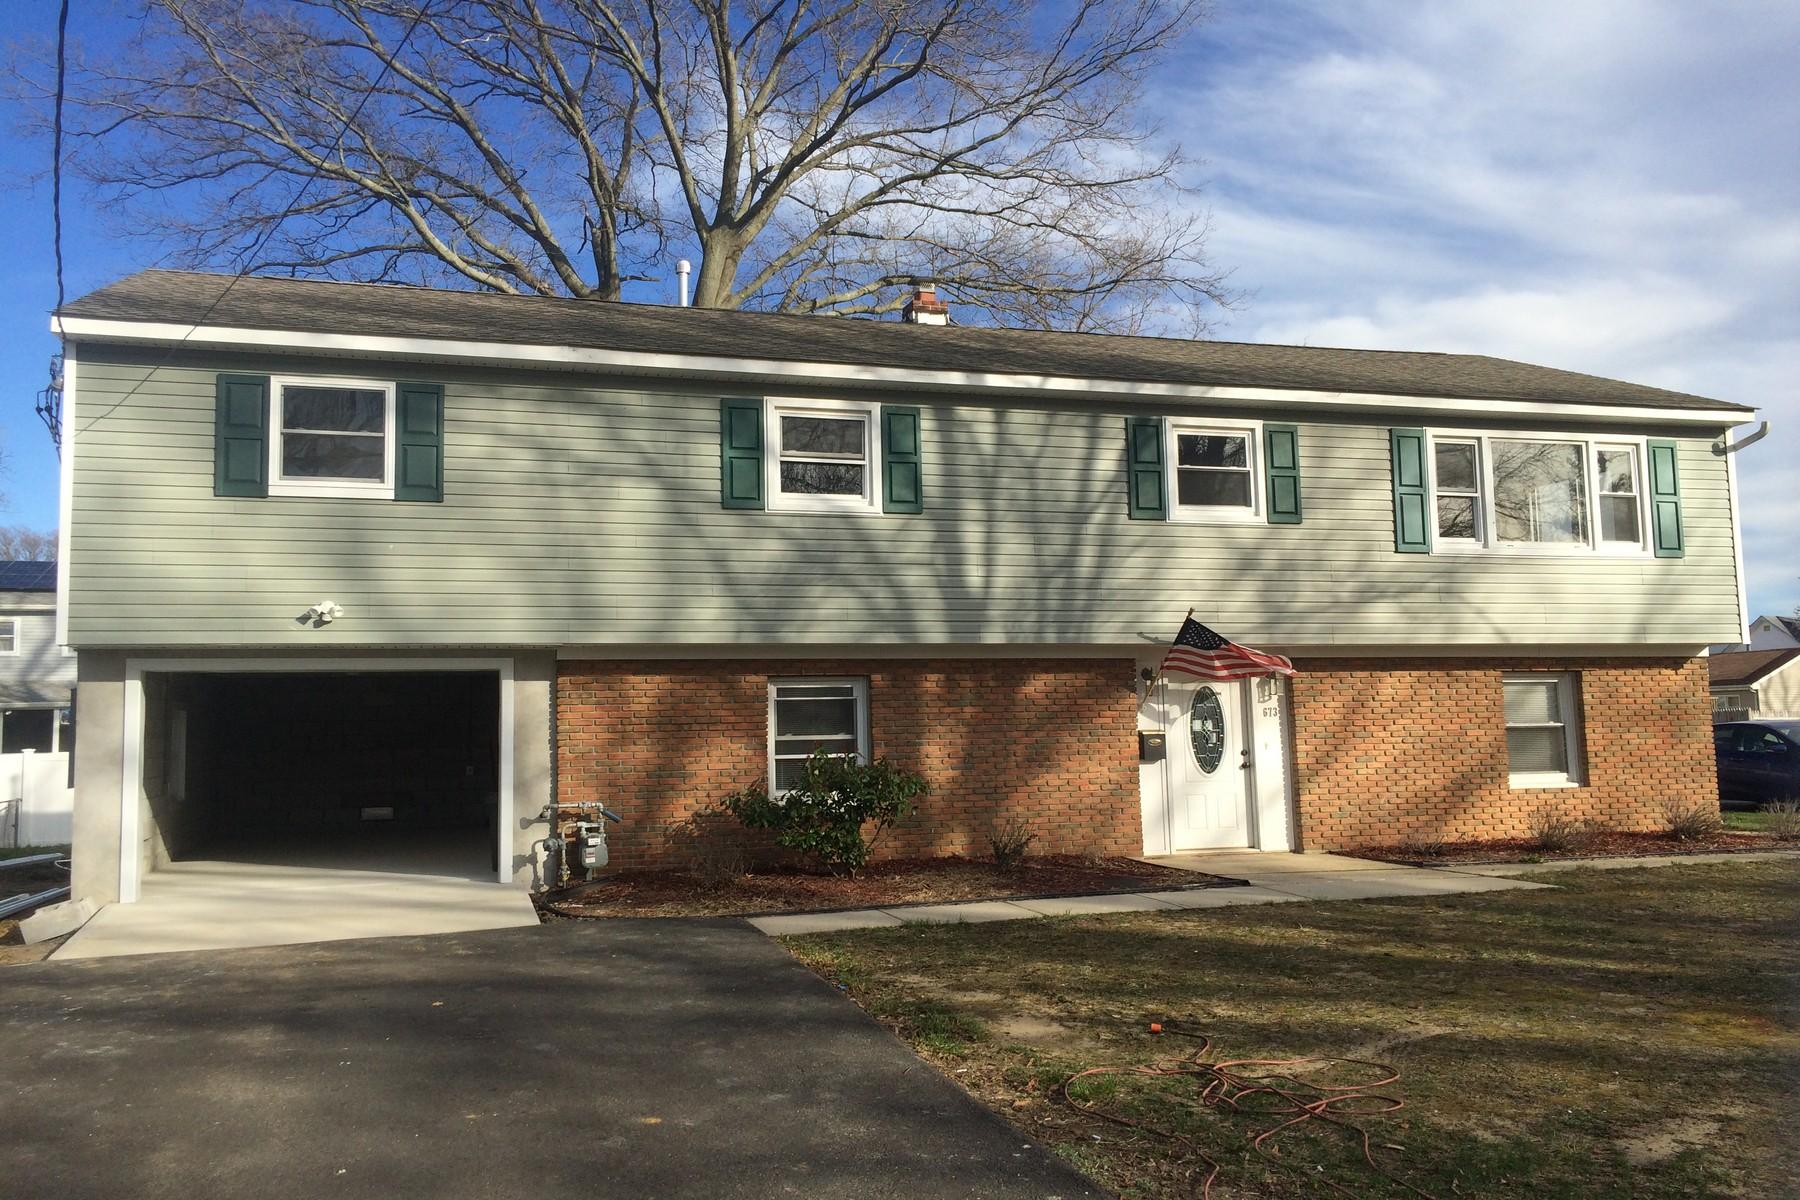 一戸建て のために 売買 アット 673 Monmouth Ave. Middletown, ニュージャージー, 07748 アメリカ合衆国